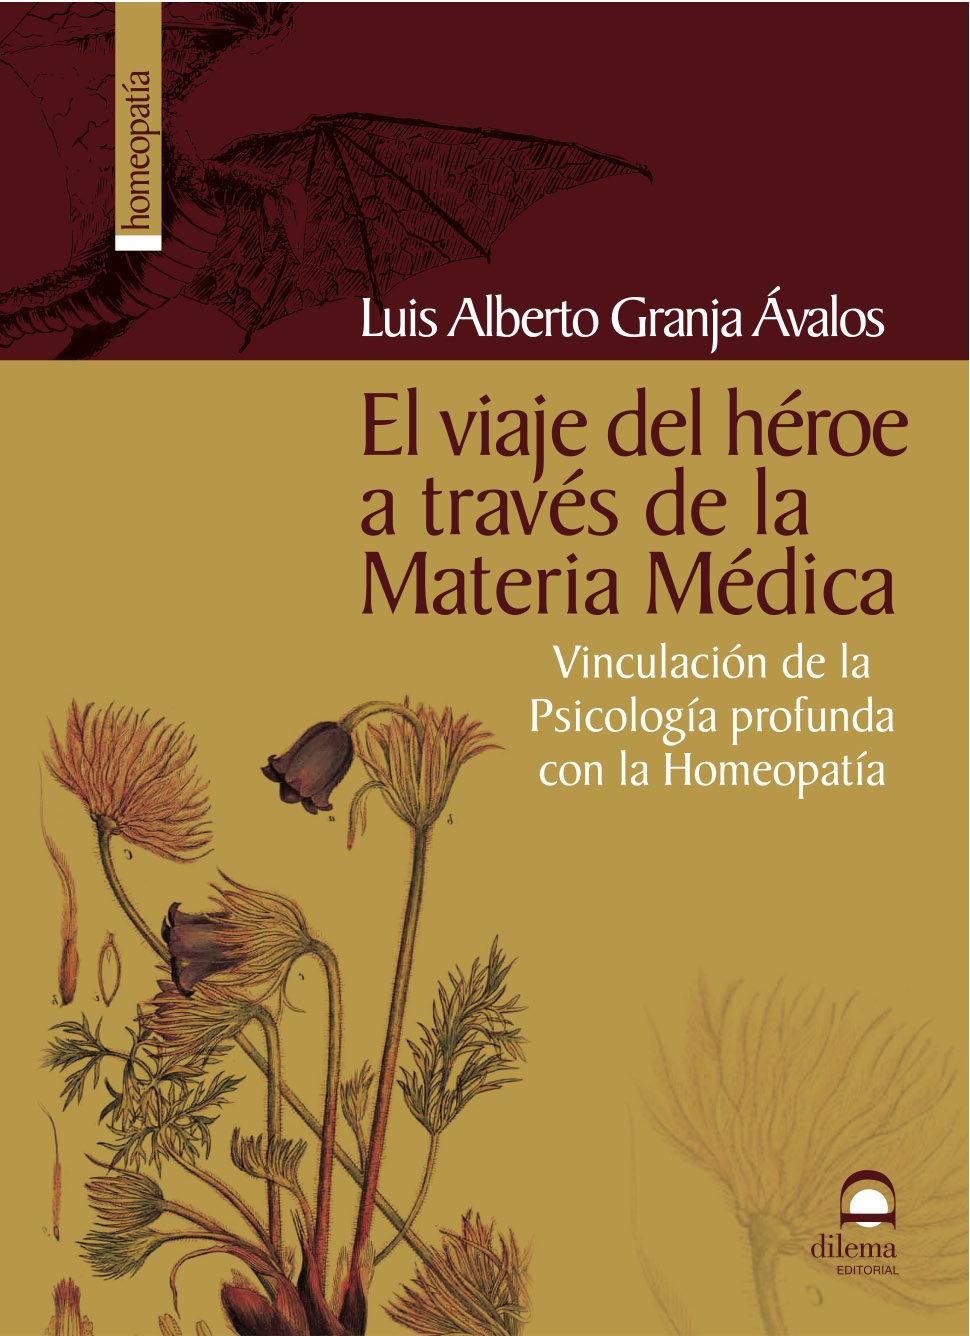 El Viaje Del Heroe A Traves De La Materia Medica: Vinculacion De La Ps - Granja Avalos Luis Alberto